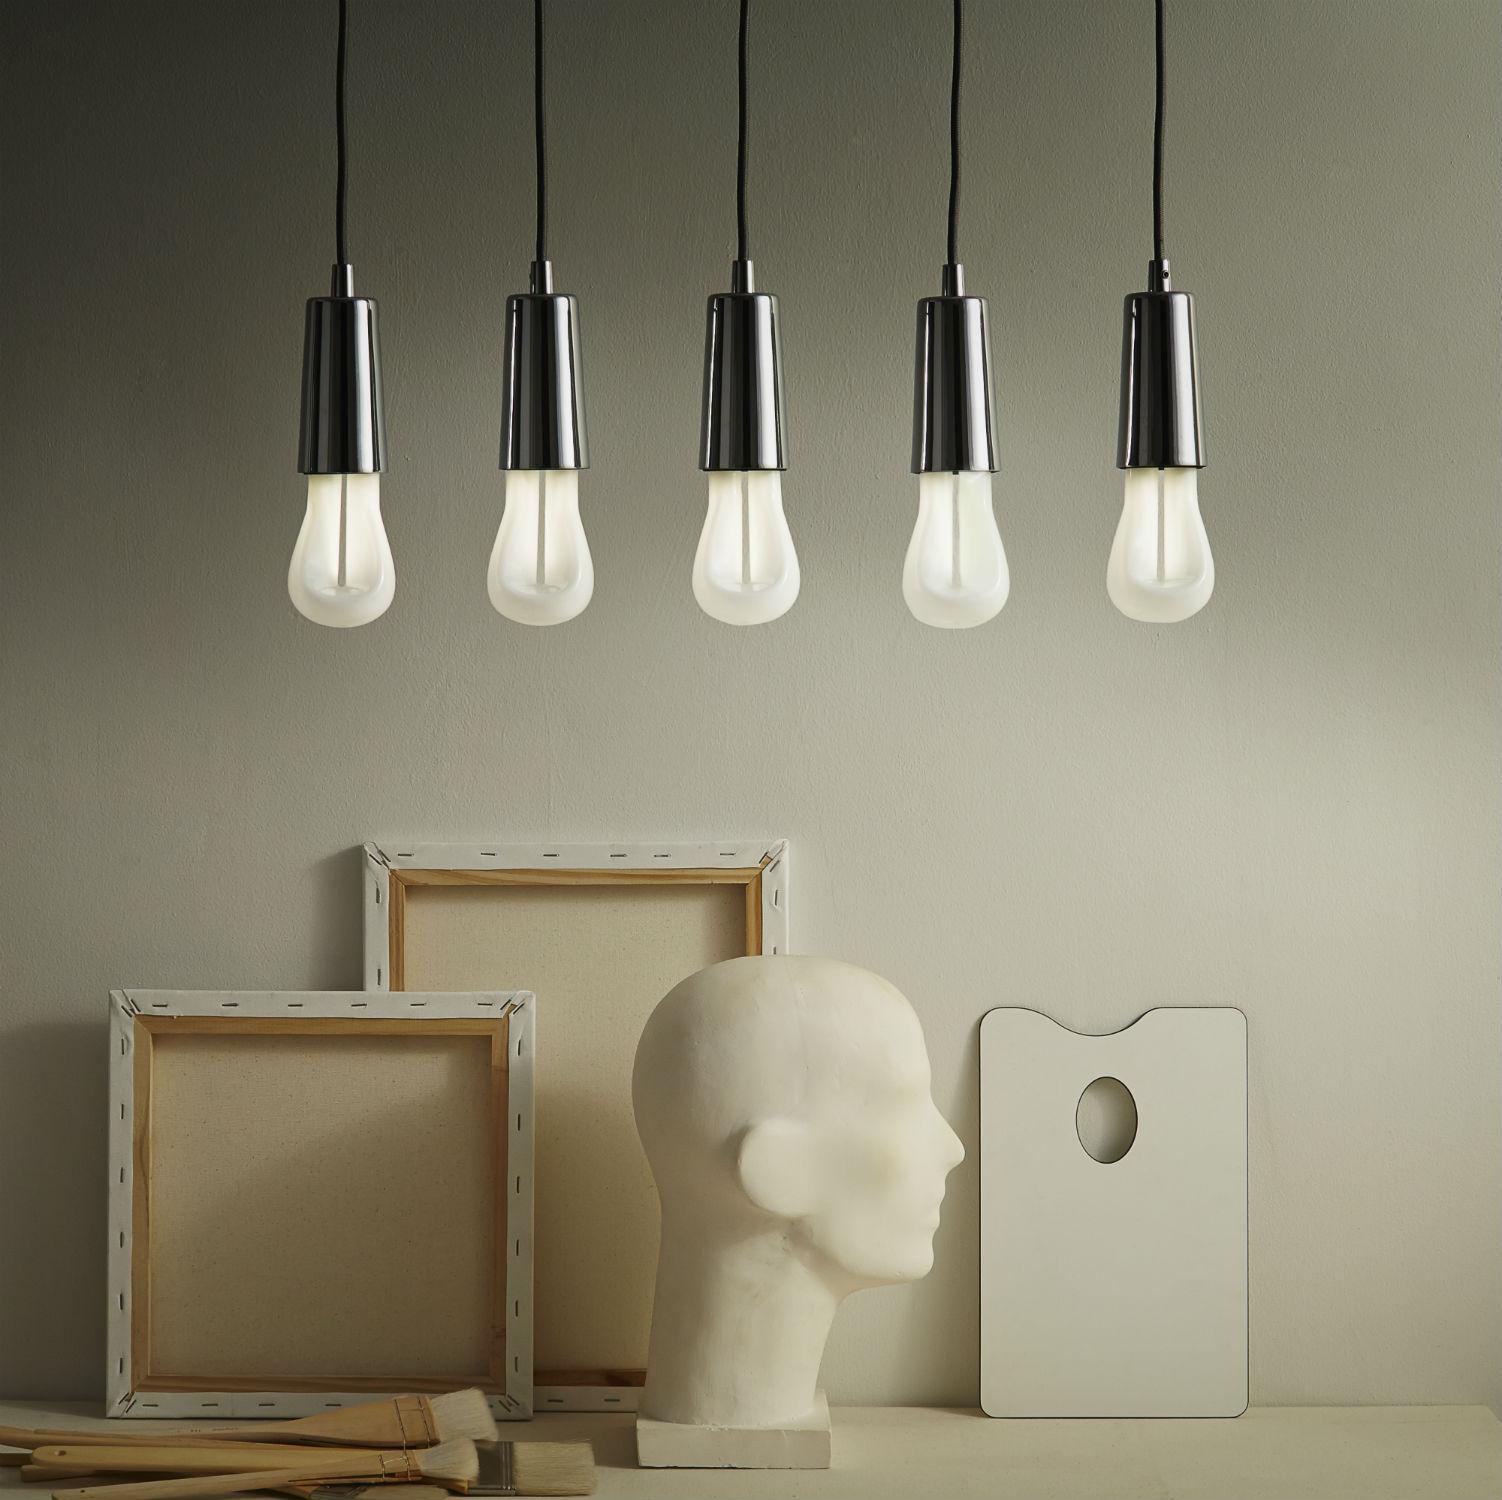 PLUMEN-002-energy-saving-designer-light-bulb-artist-__1_ Plumen 002 Hulger